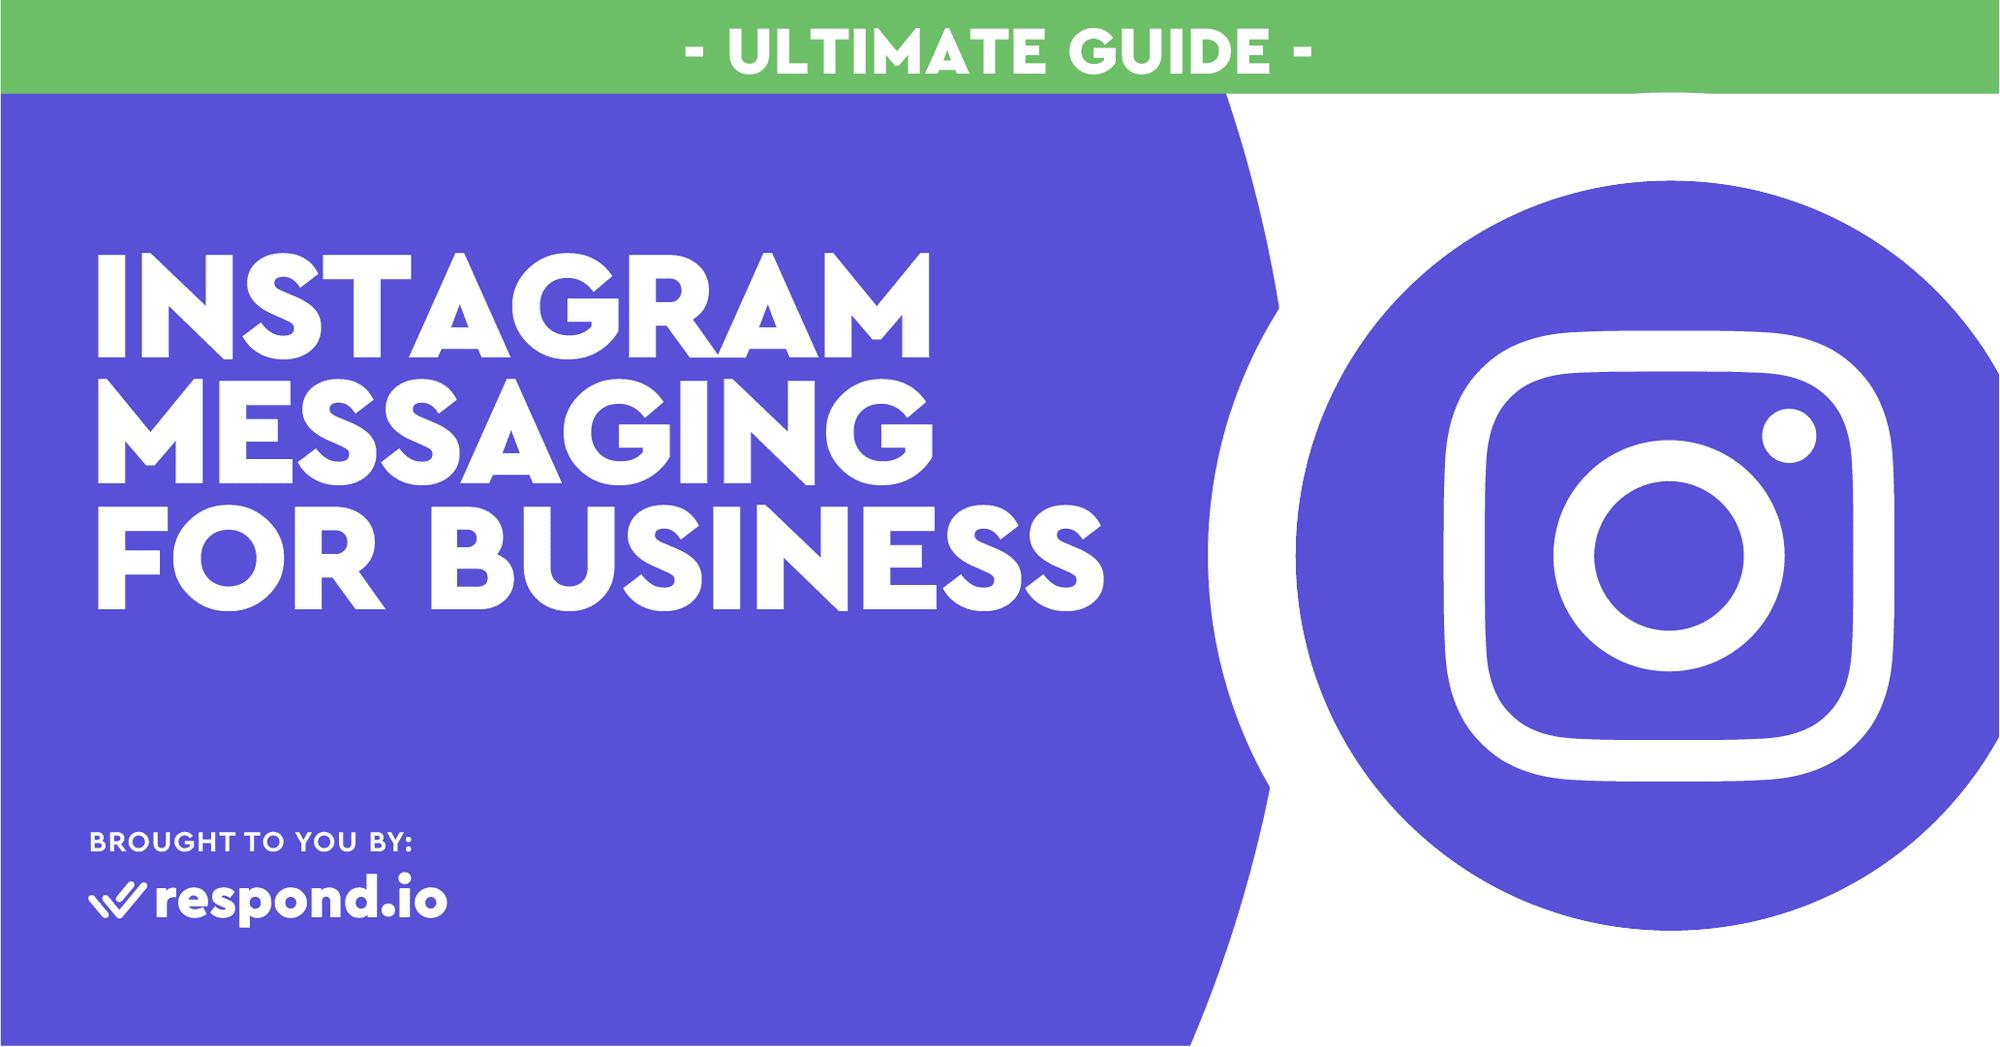 Mensajes de Instagram para empresas: La guía definitiva (junio 2021)